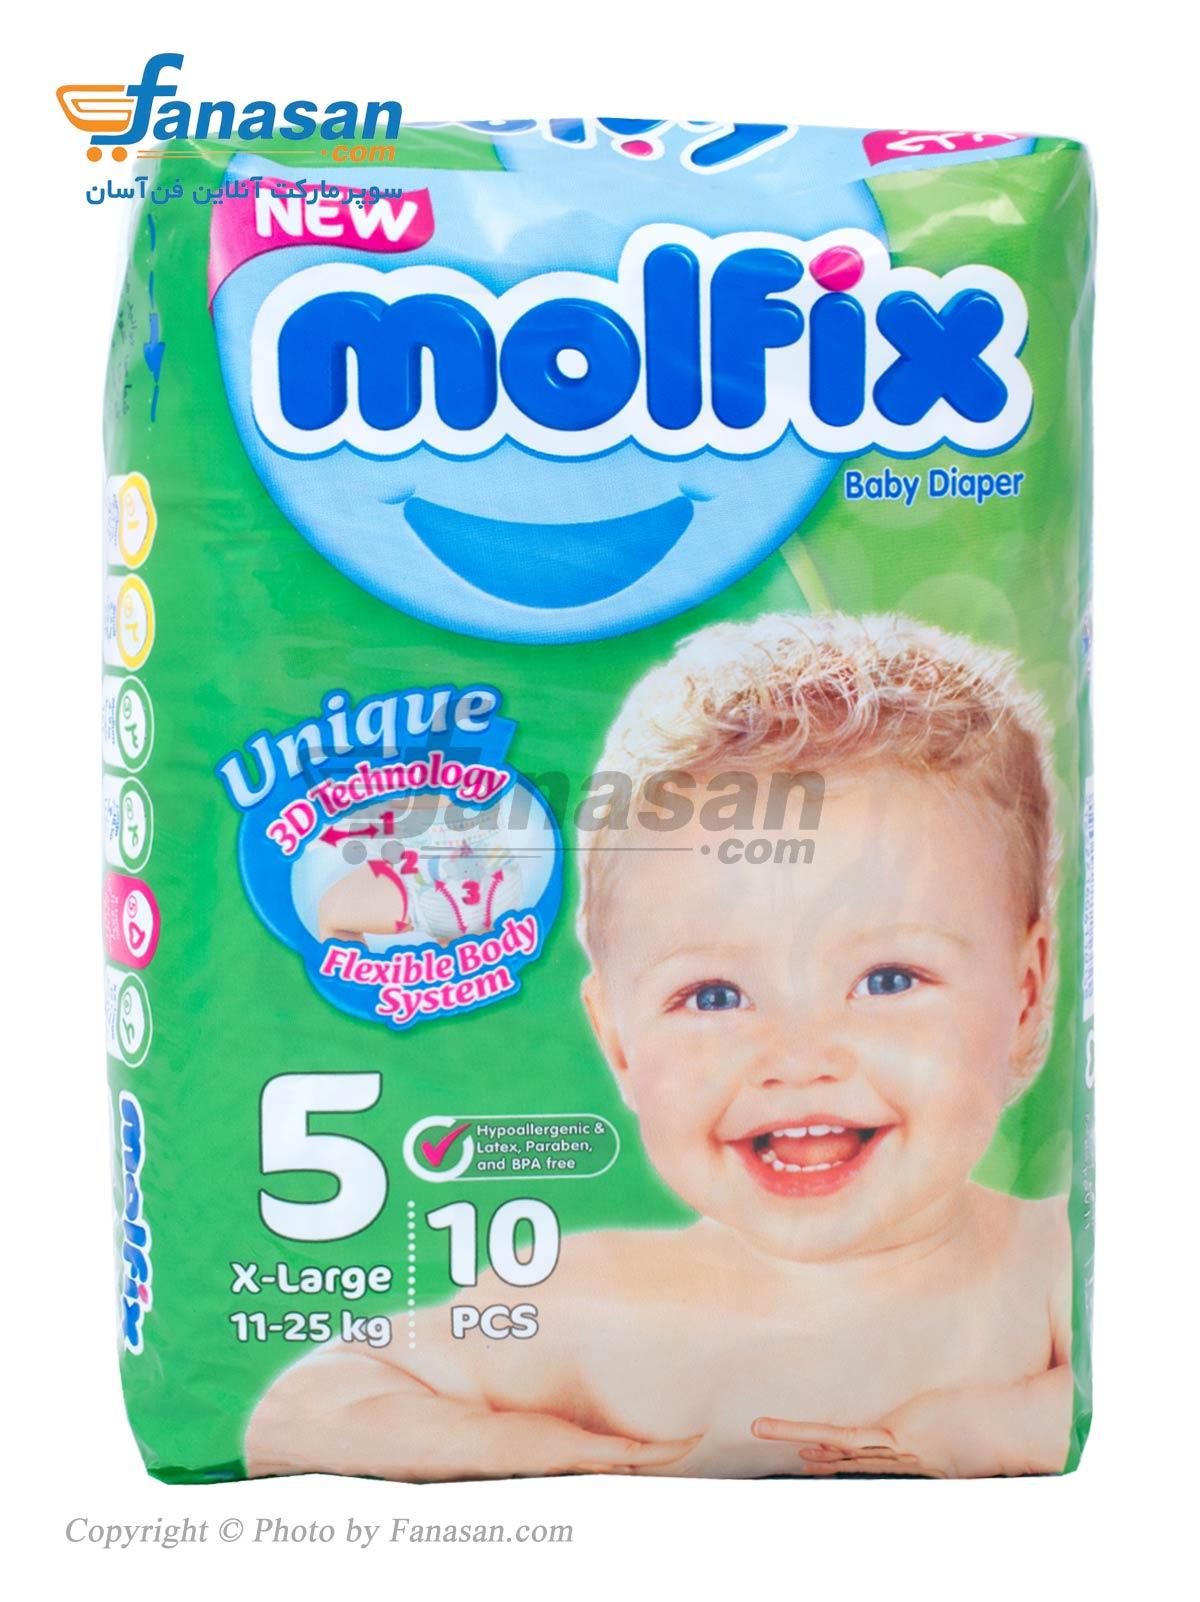 پوشک بچه مولفیکس تکنولوژی سه بعدی سایز 5 بسته 10 عددی